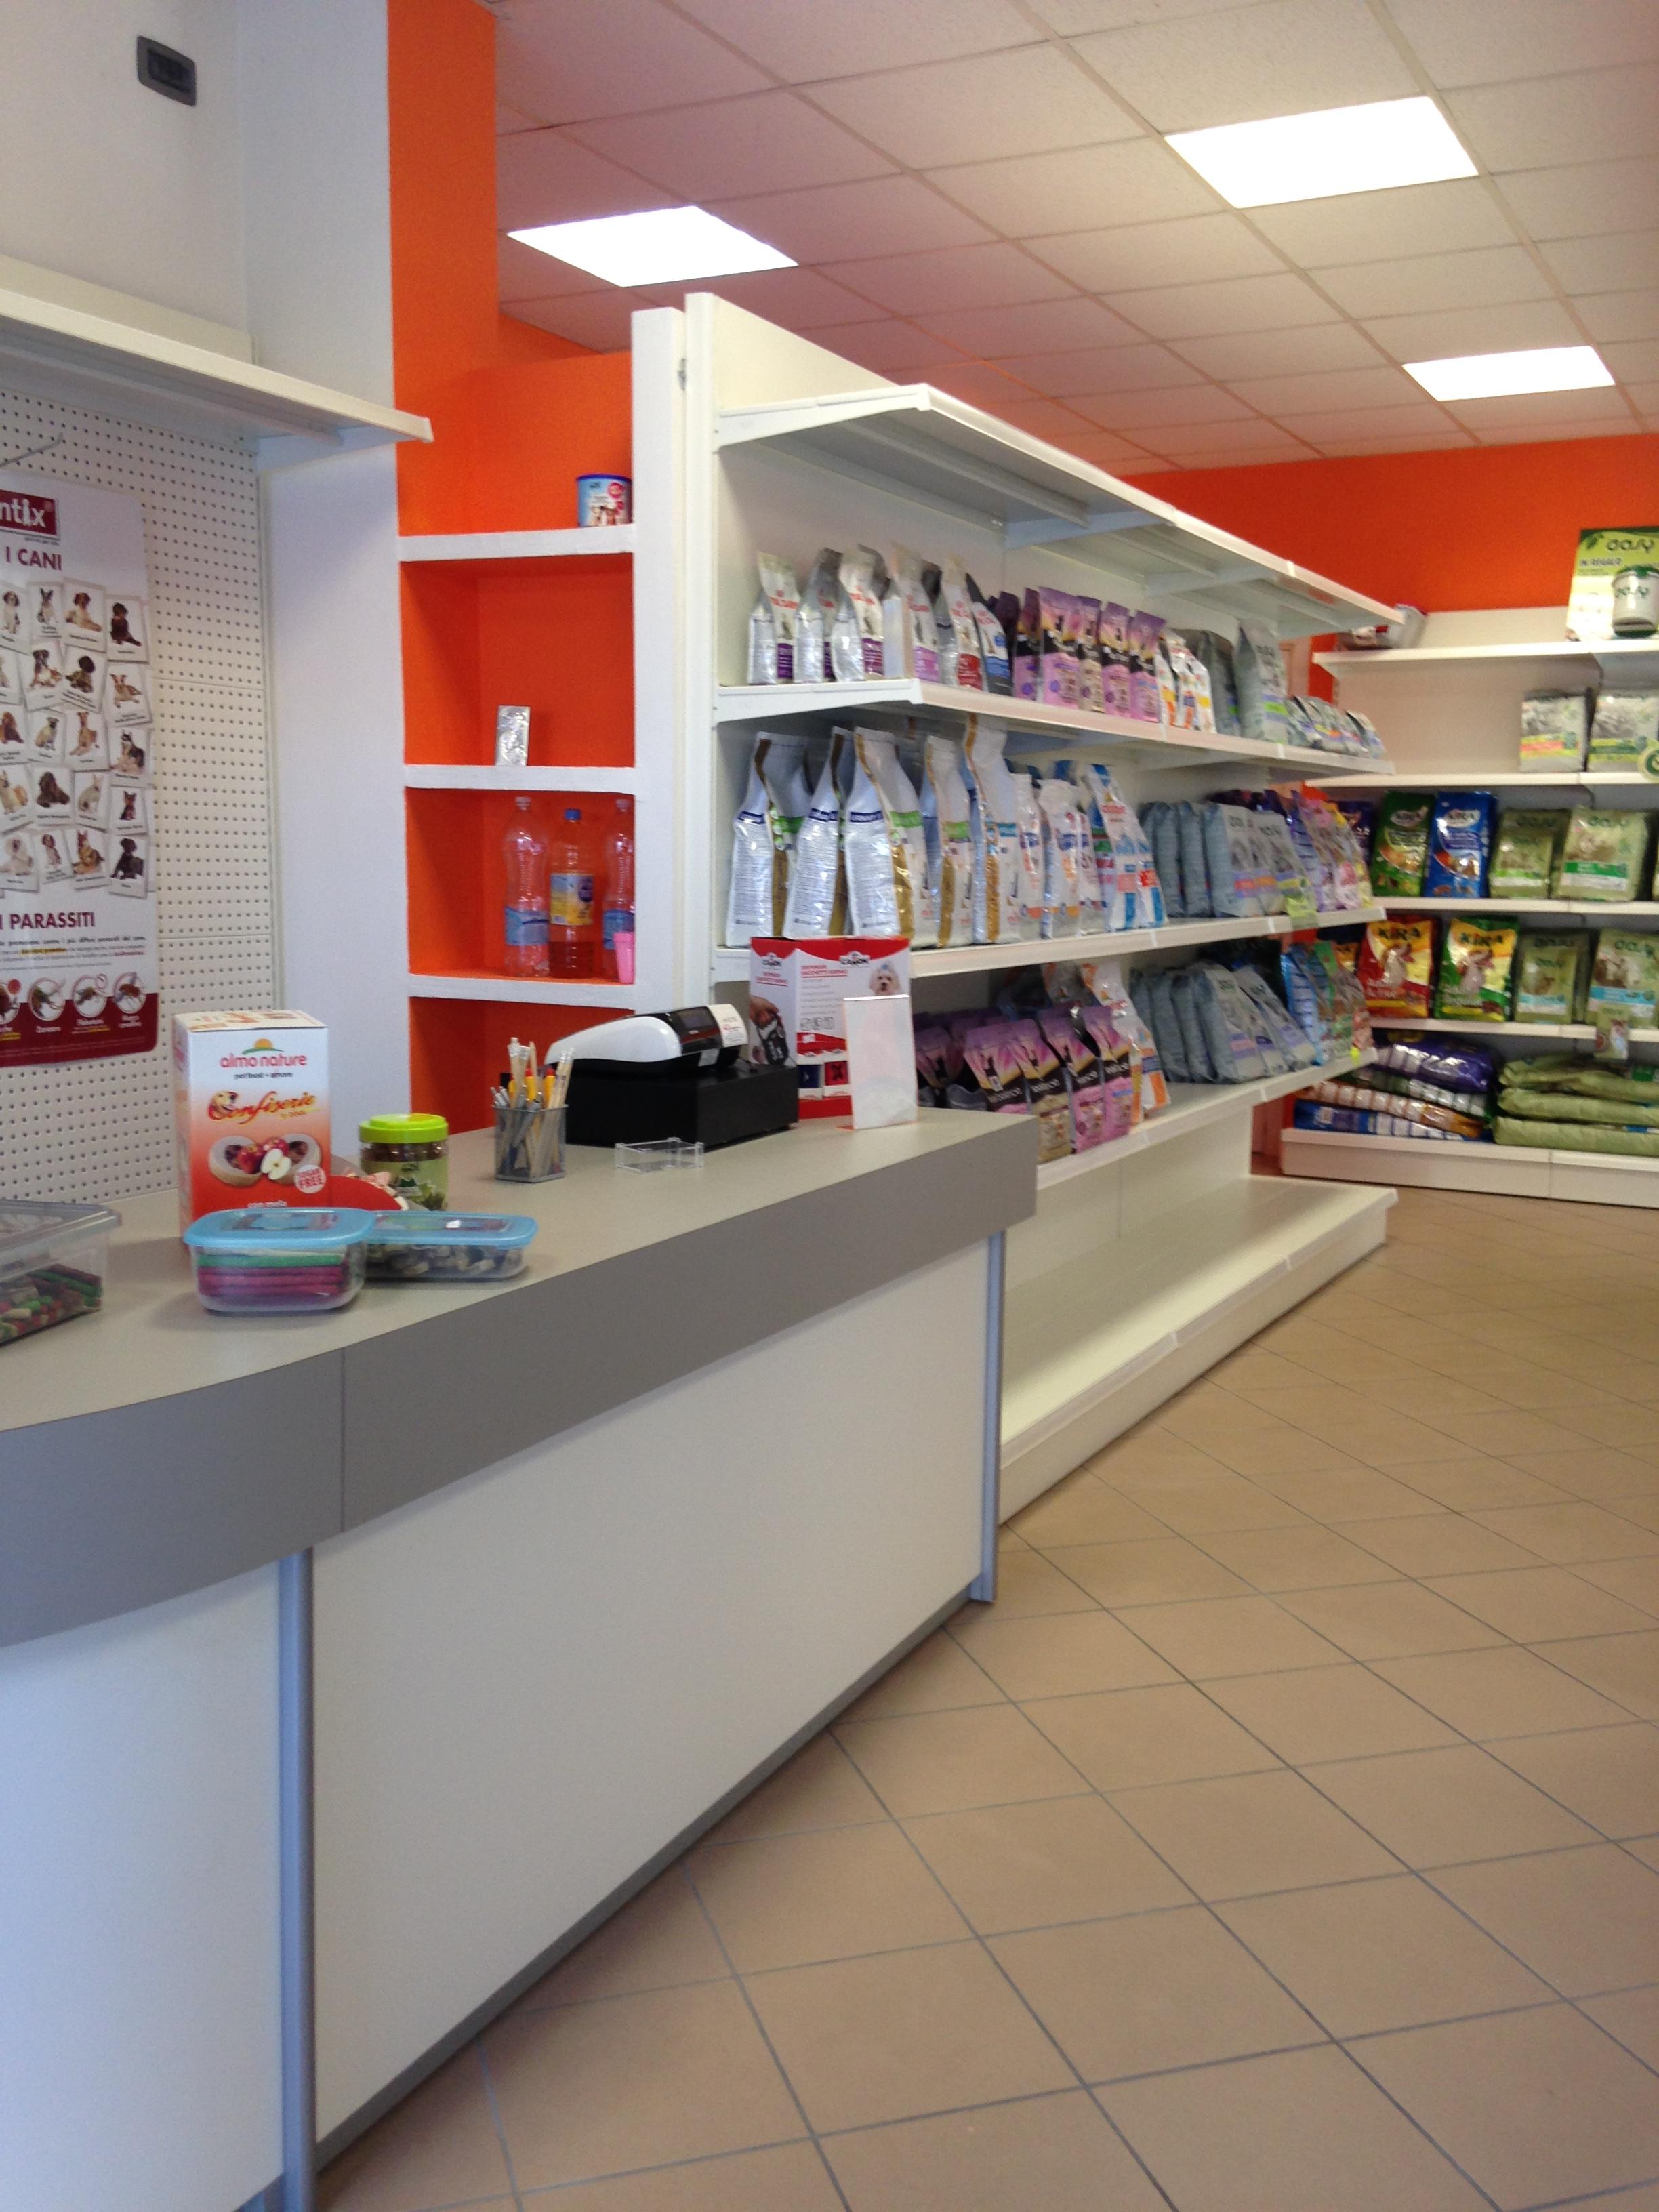 Pet shop Bancone espositore negozio animali pet shop - Riganelli Arredamenti